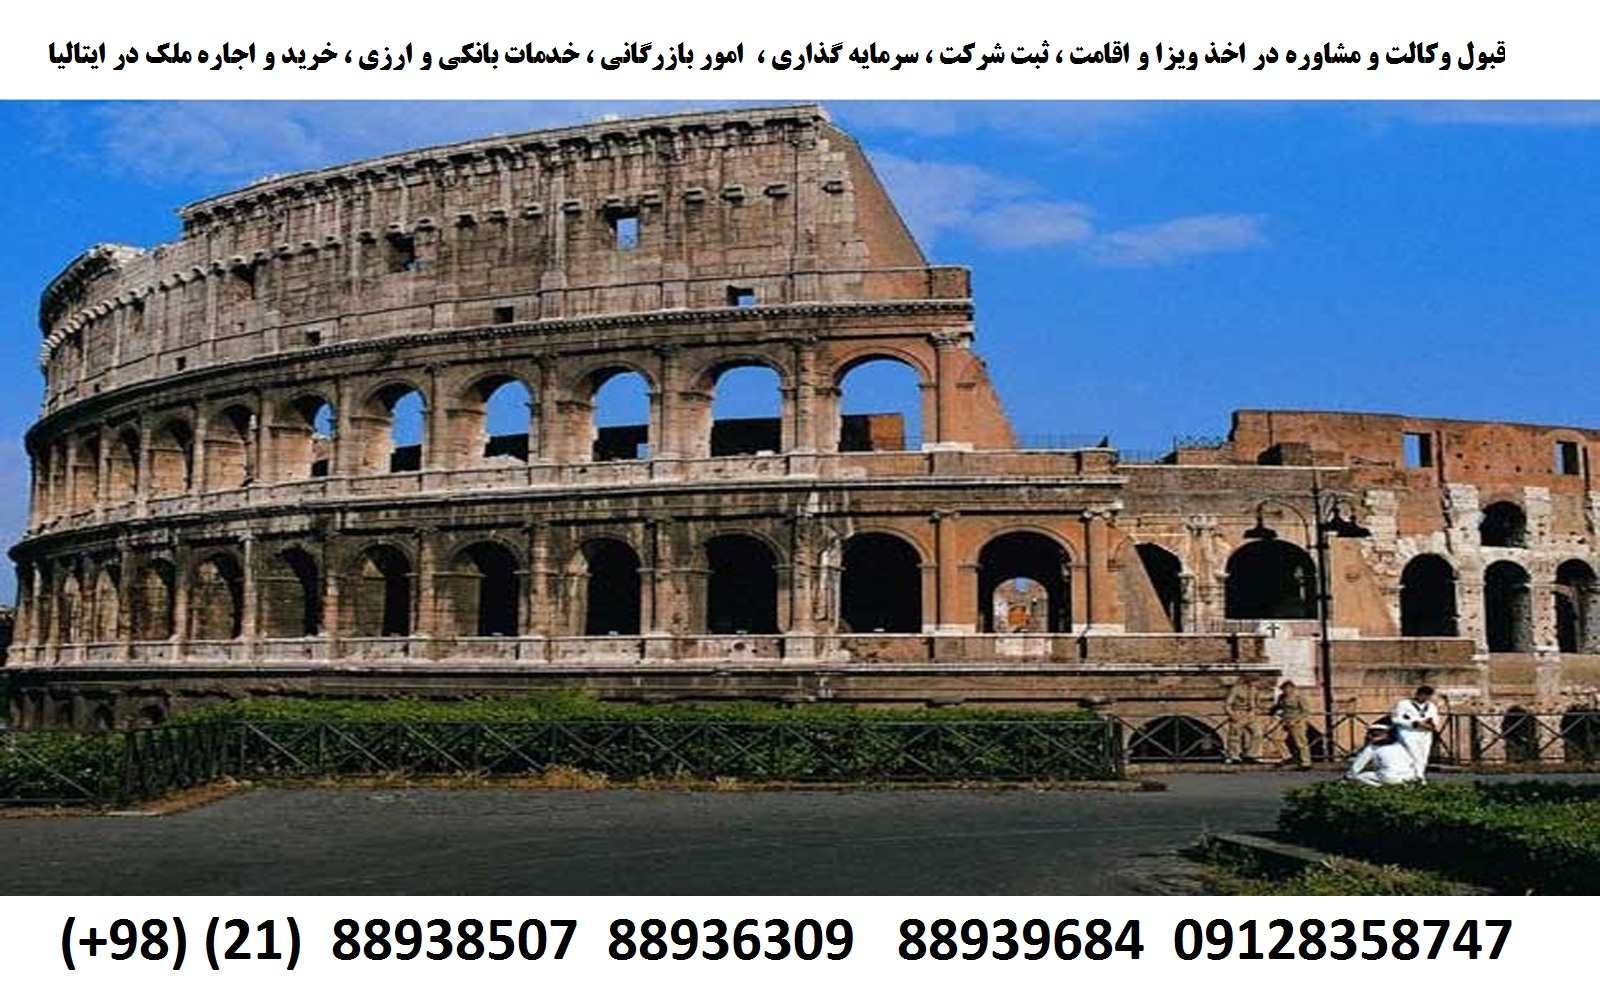 اقامت ، ویزا ، ثبت شرکت ، سرمایه گذاری در ایتالیا (2)